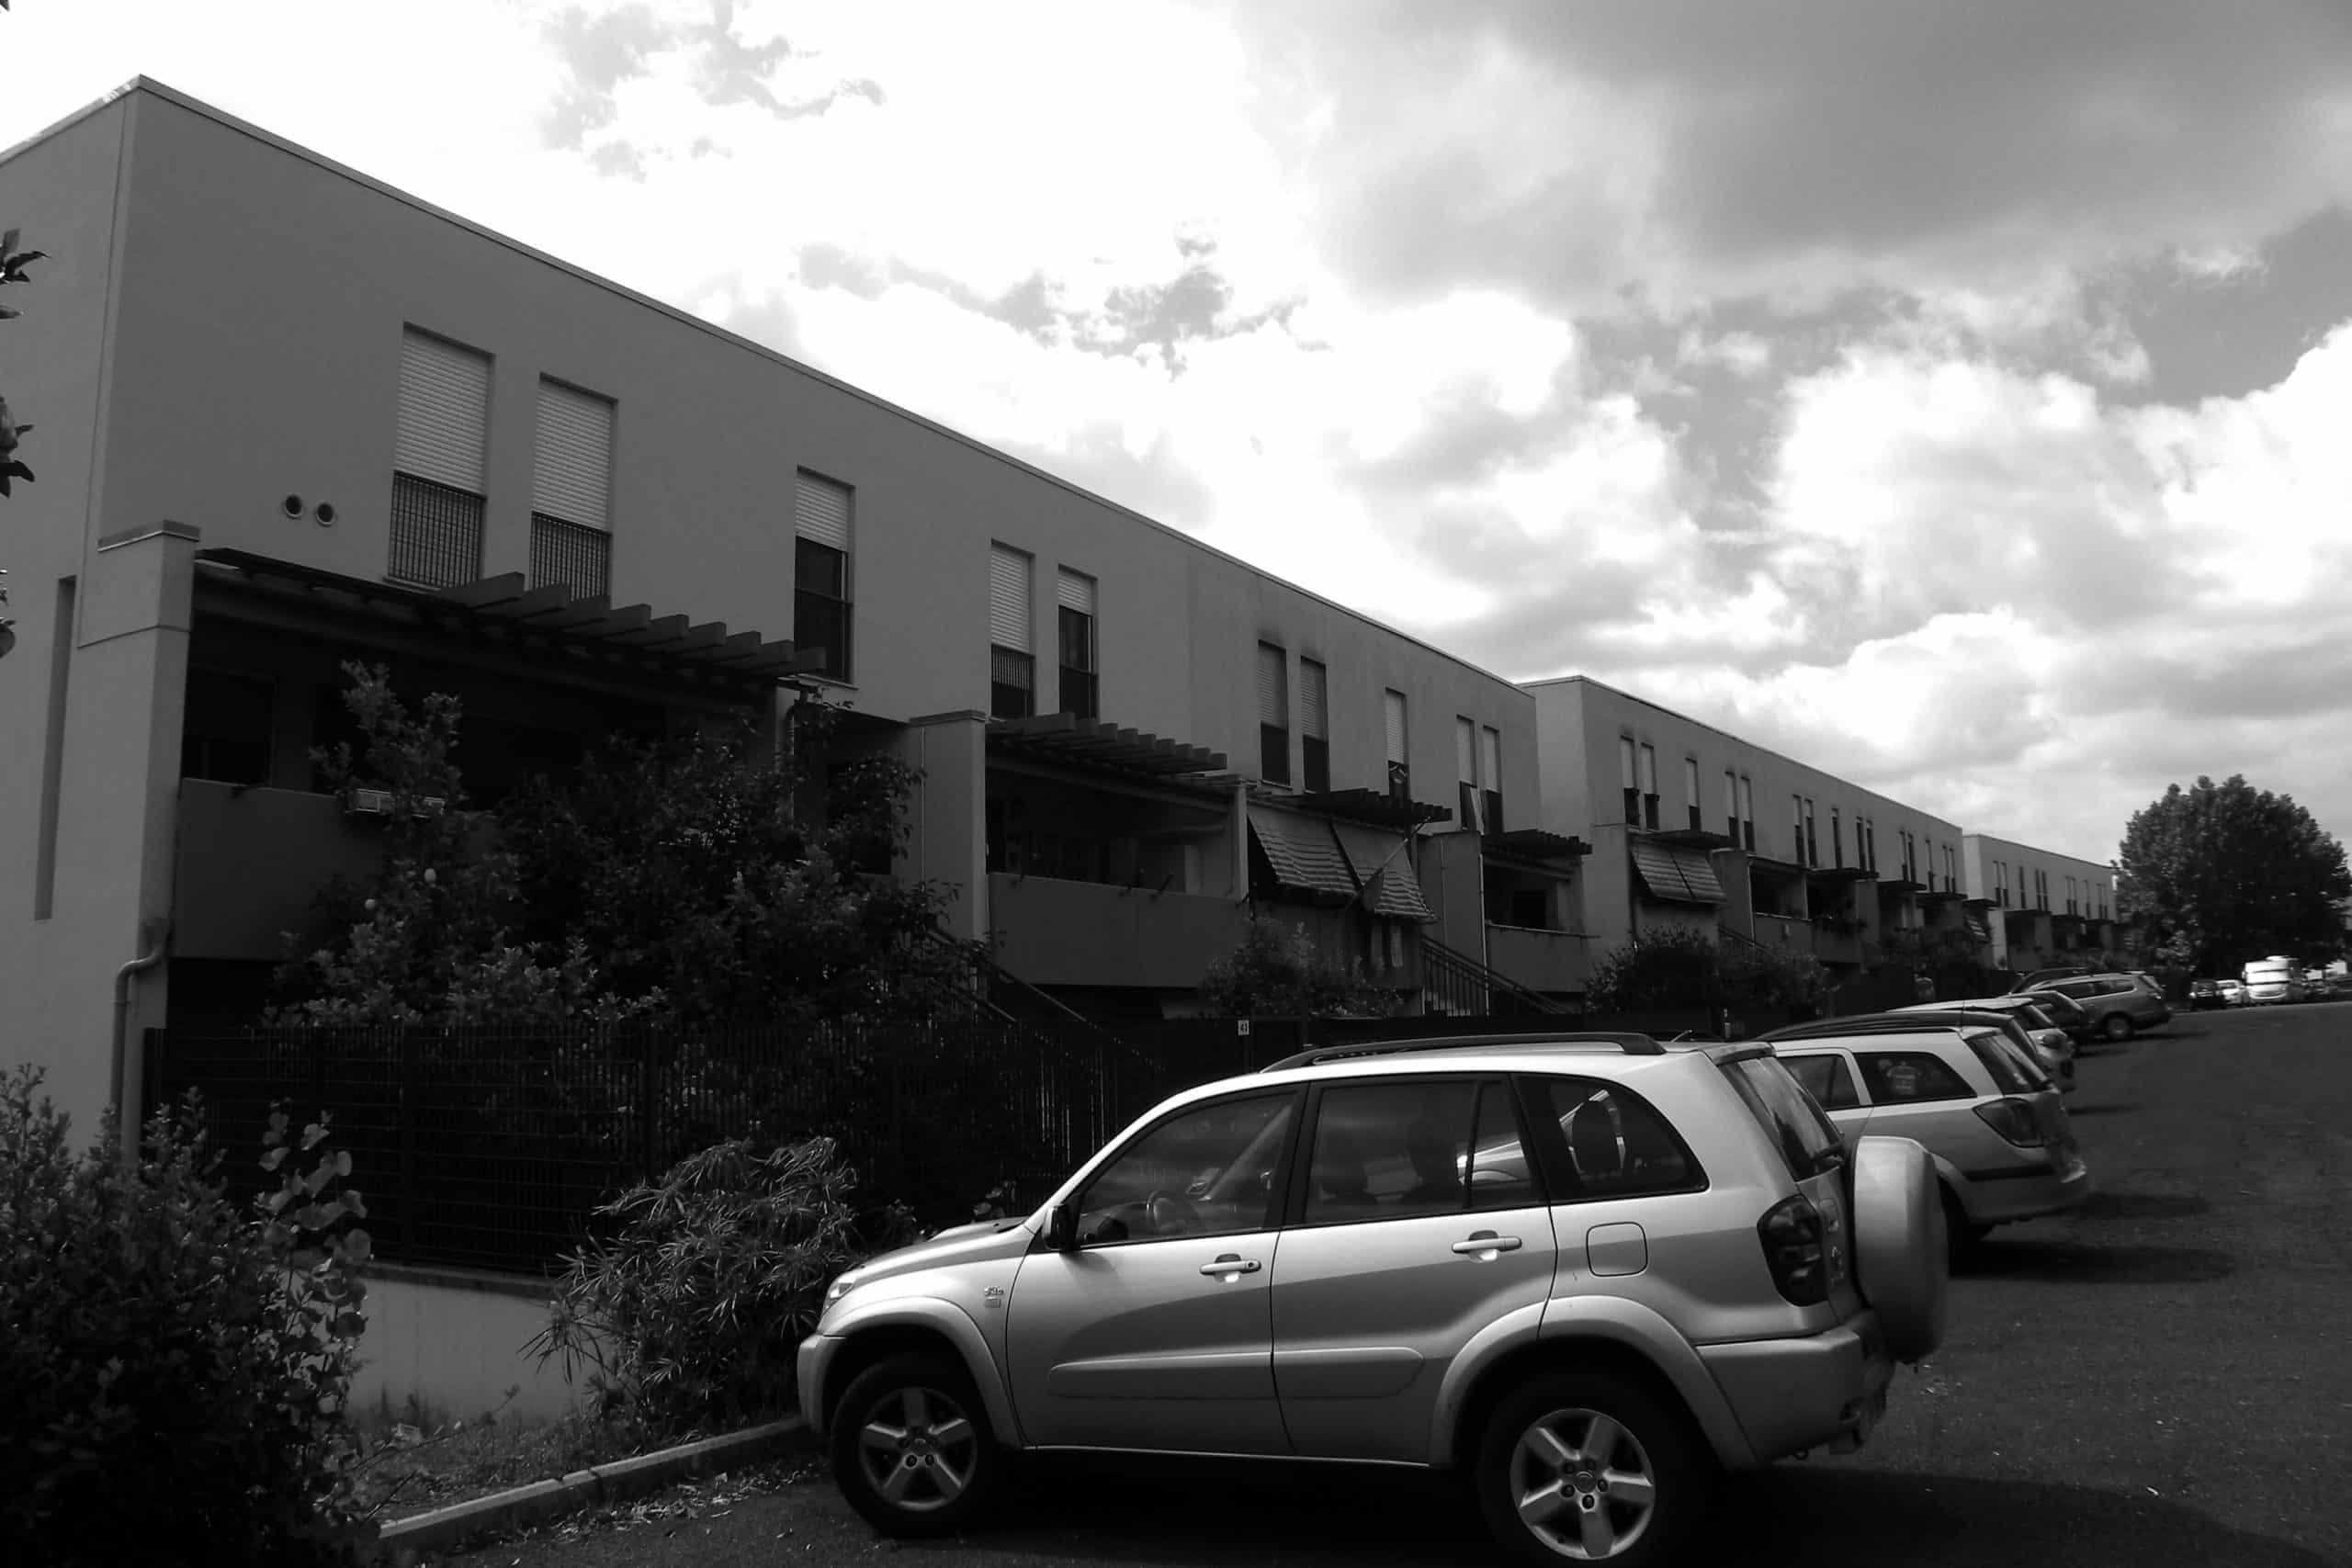 11 - Complesso per 118 alloggi nel PdZ di Fiano Romano (RM); con R. De Vito - Vista esterna